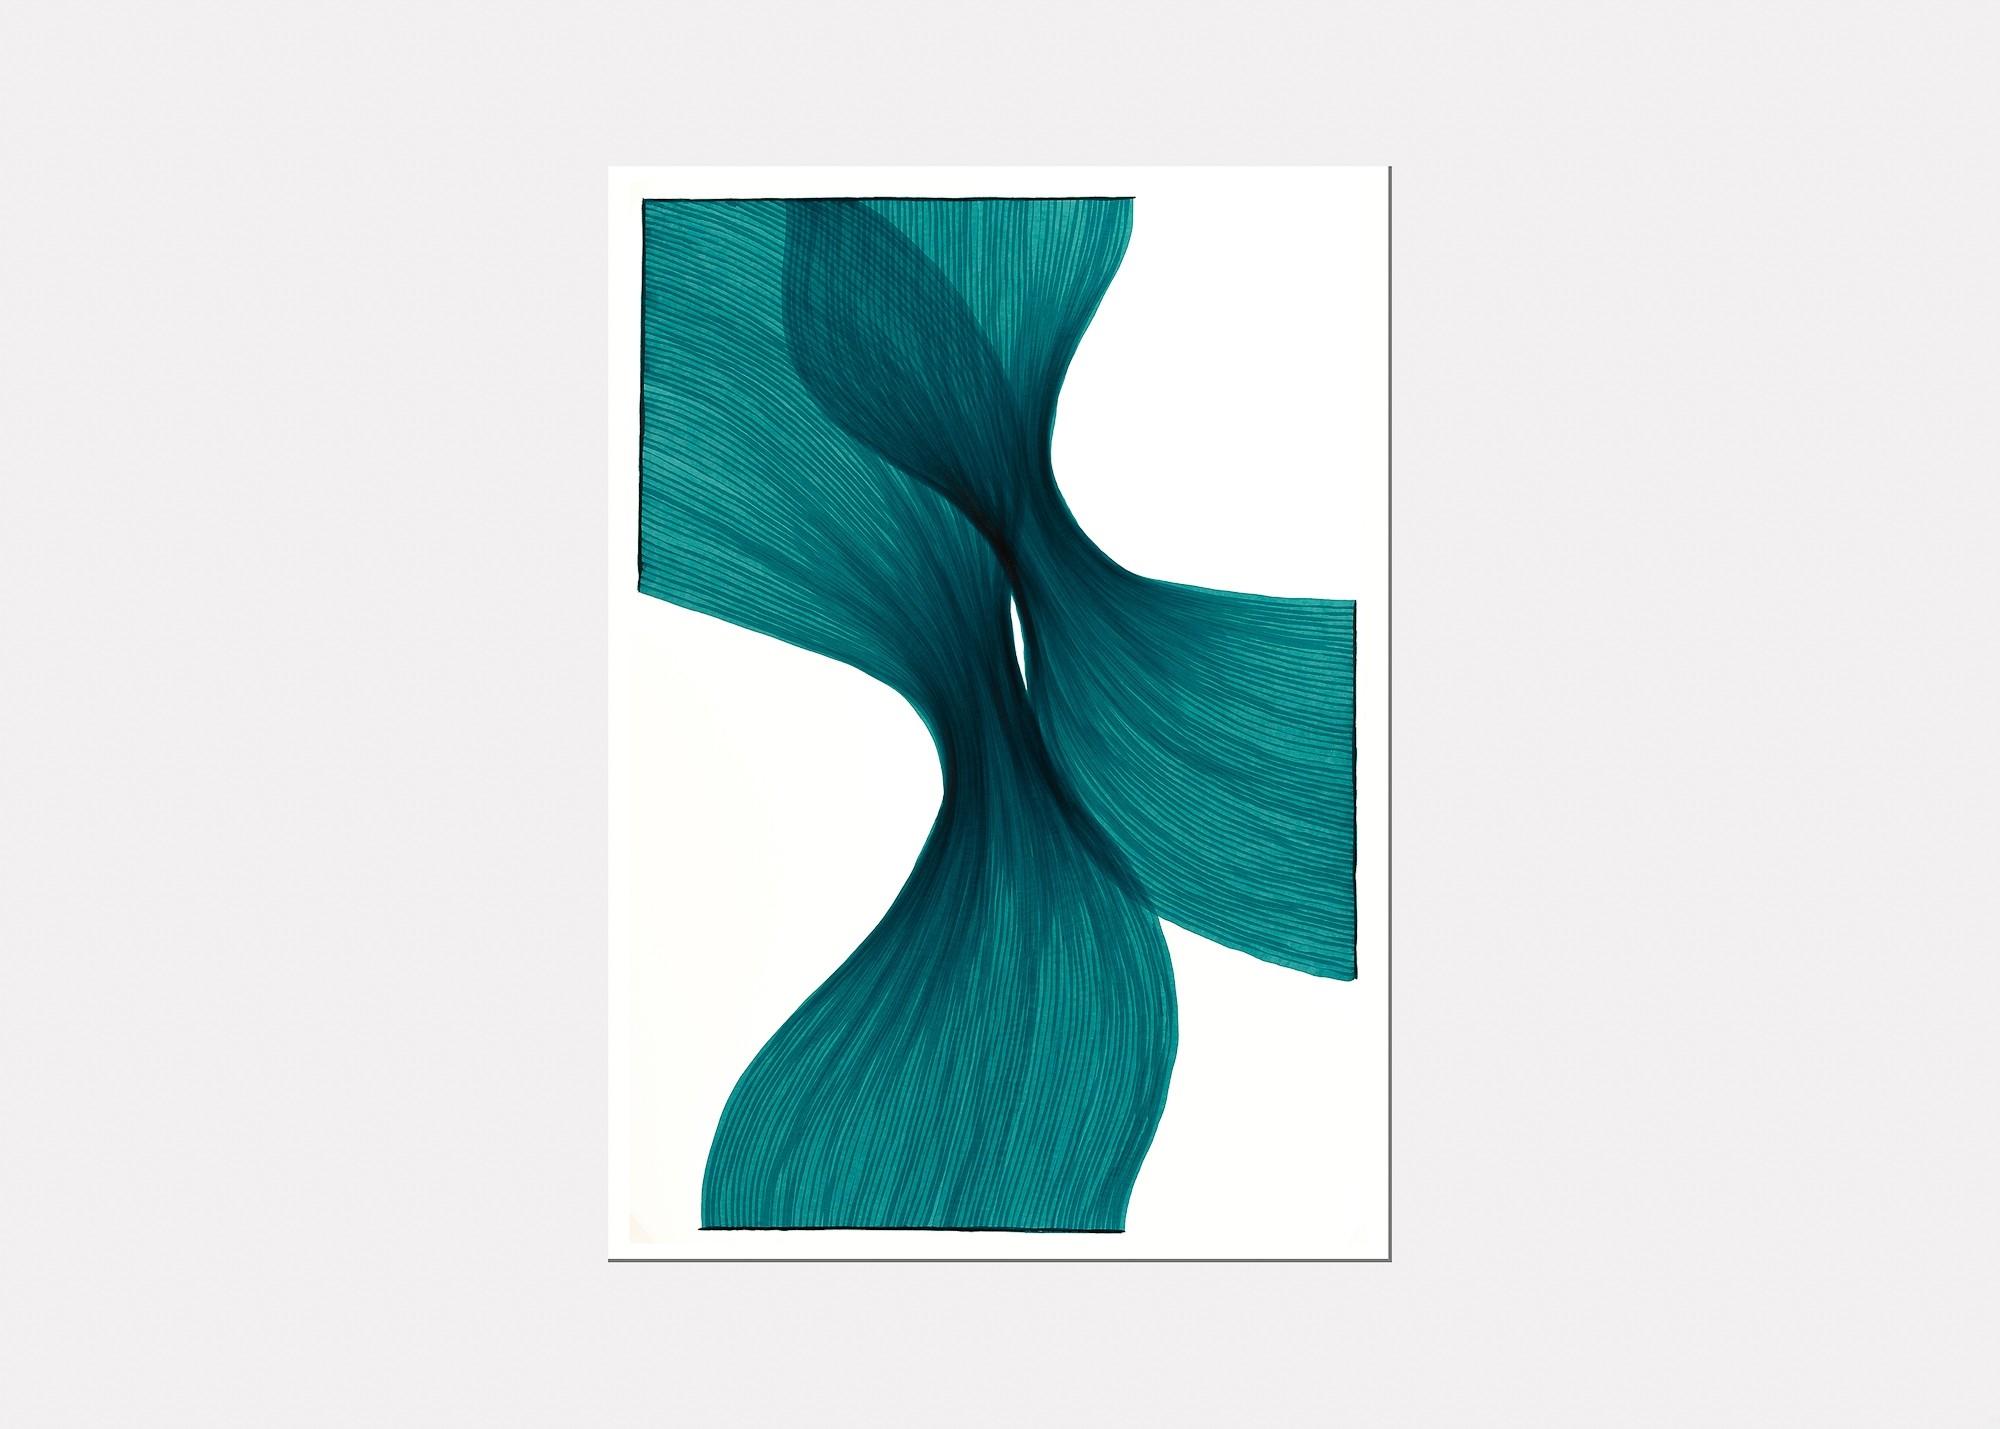 Aqua Sheer Folds | Lali Torma | Zeichnung | Kalligraphietusche auf Papier - 2